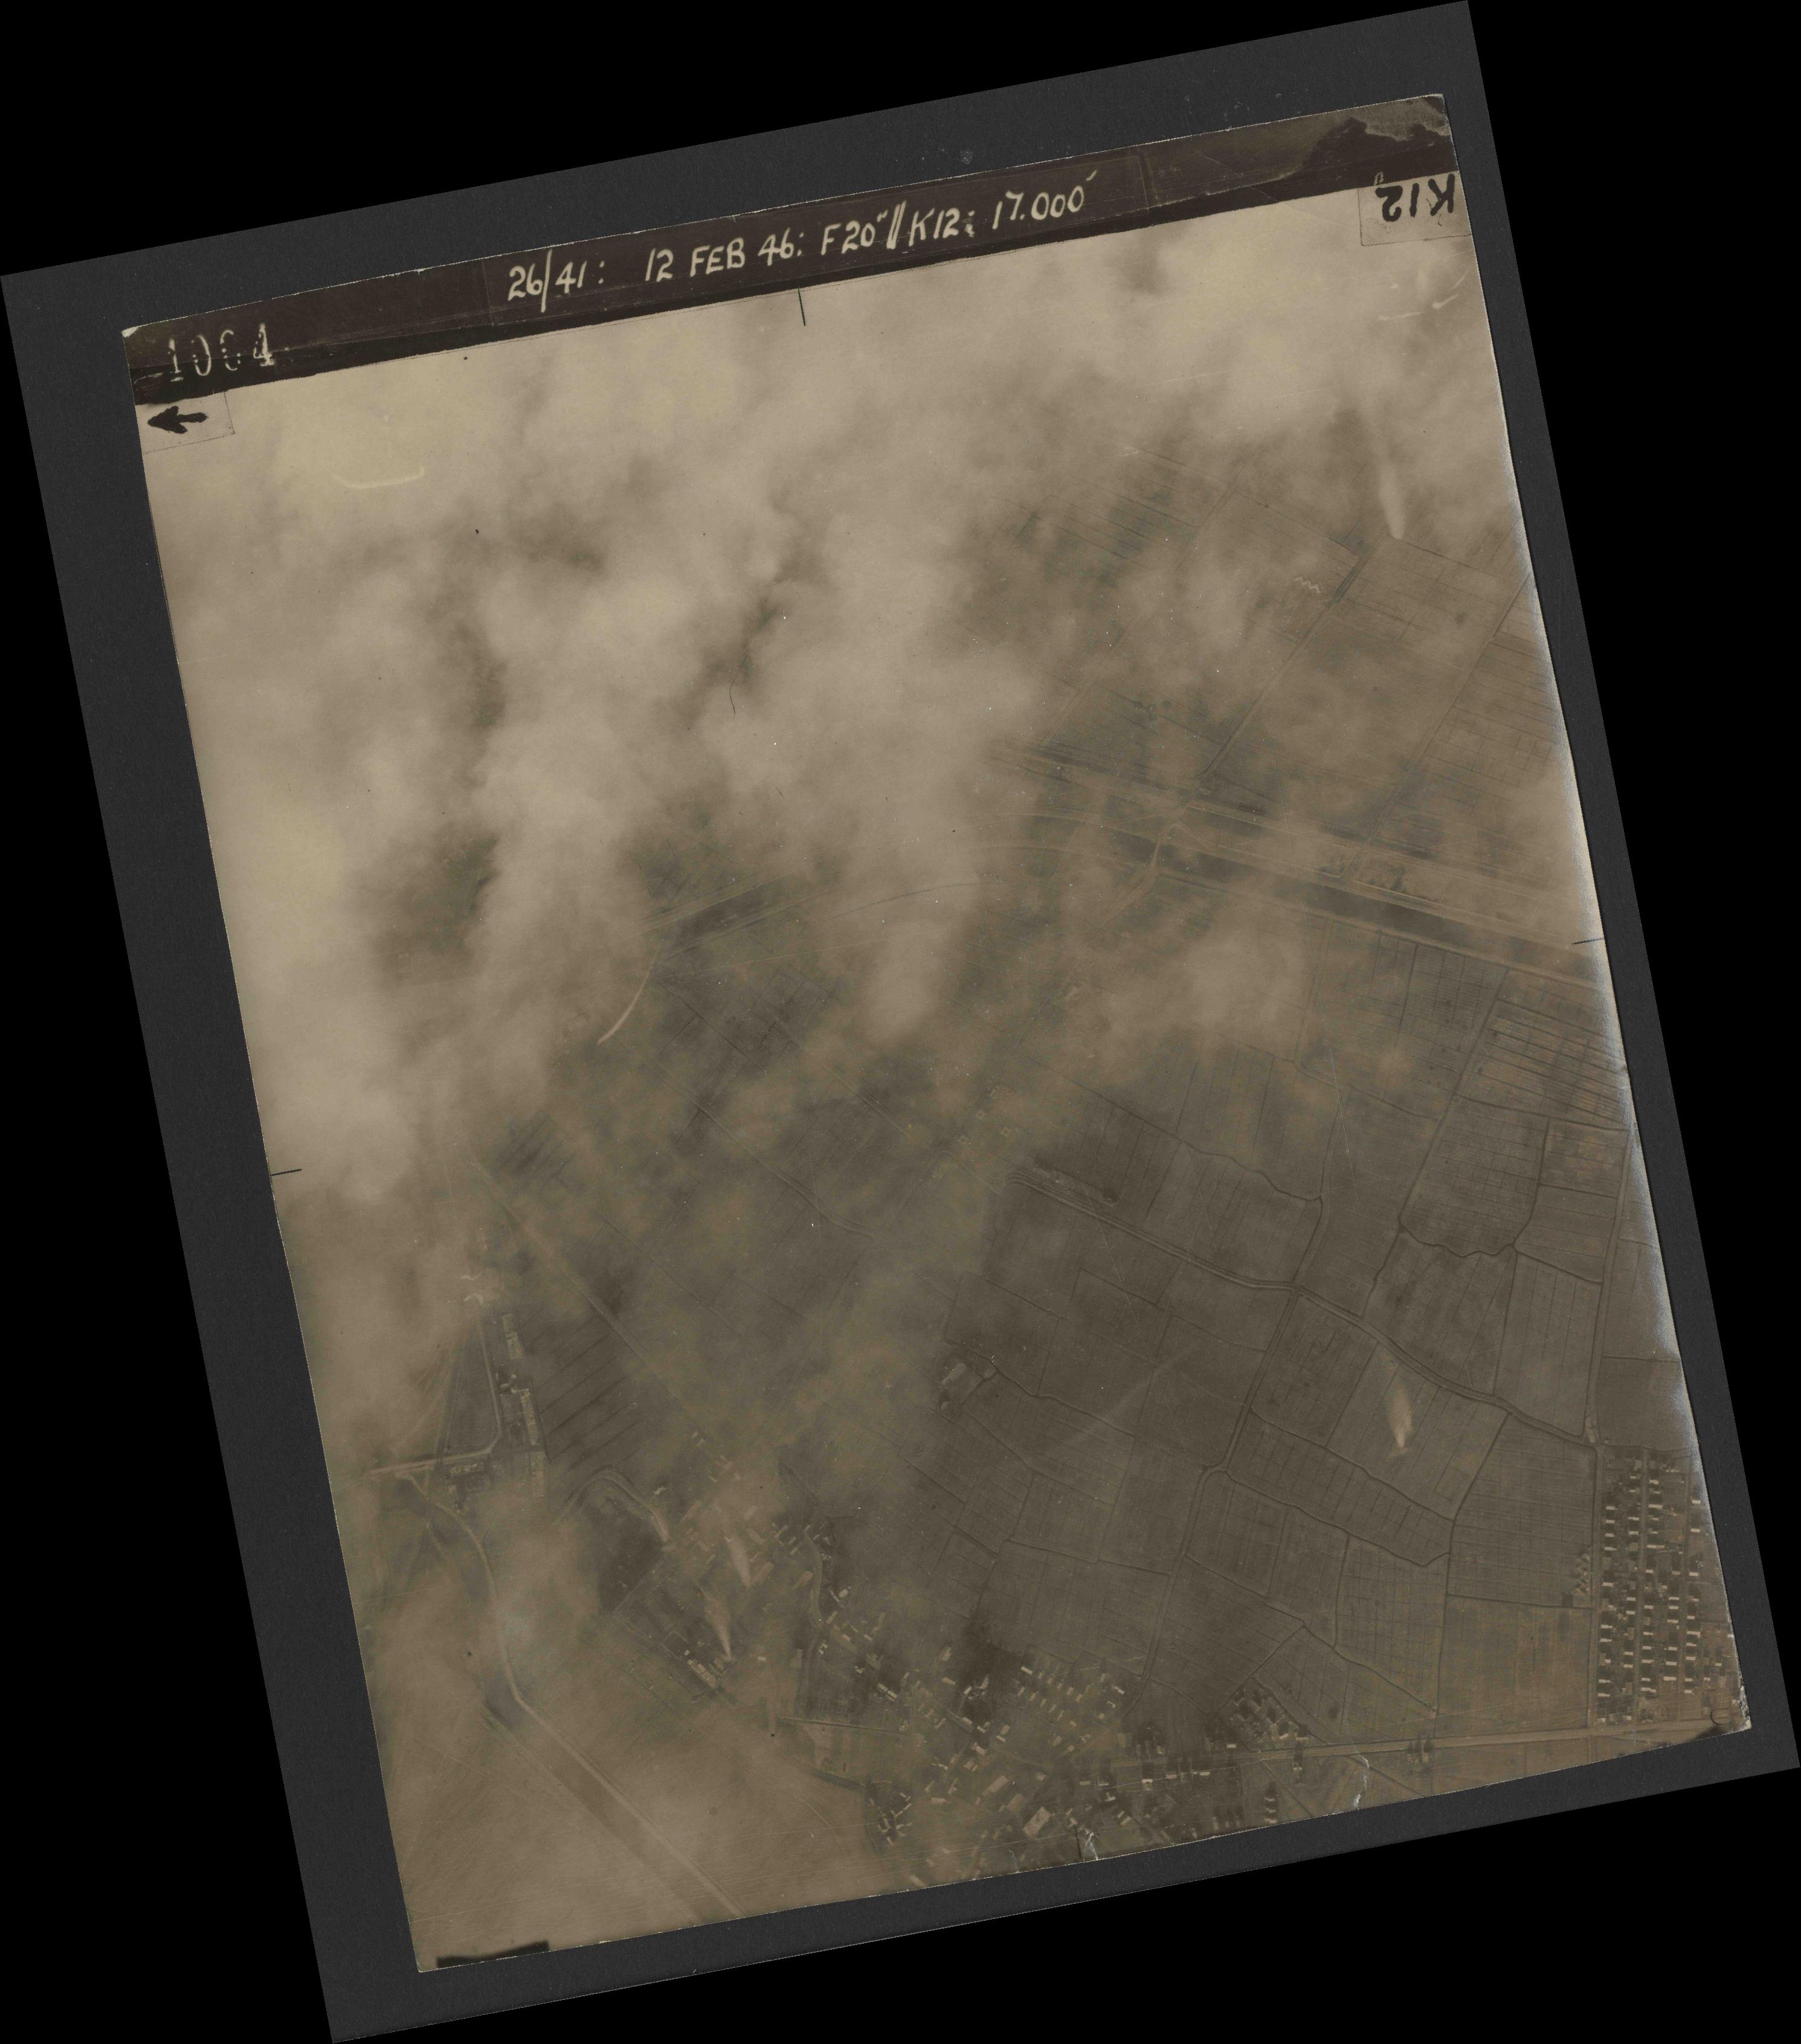 Collection RAF aerial photos 1940-1945 - flight 212, run 01, photo 4004